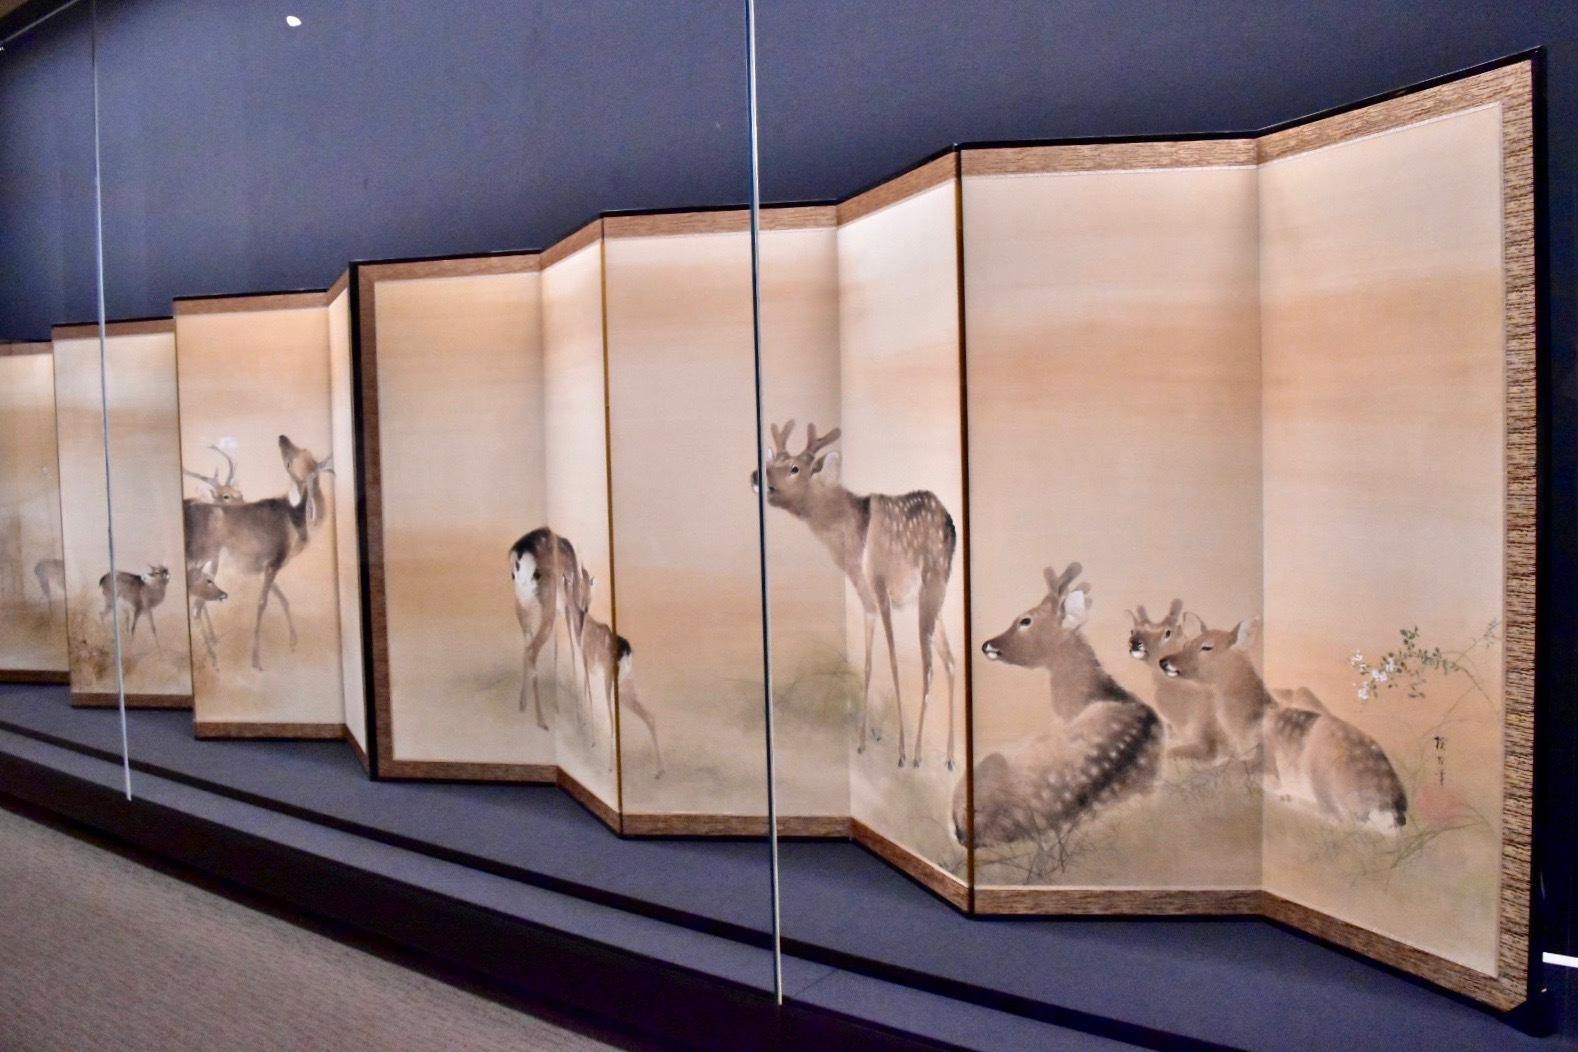 初夏・晩秋 明治36年(1903) 京都府(京都文化博物館管理)